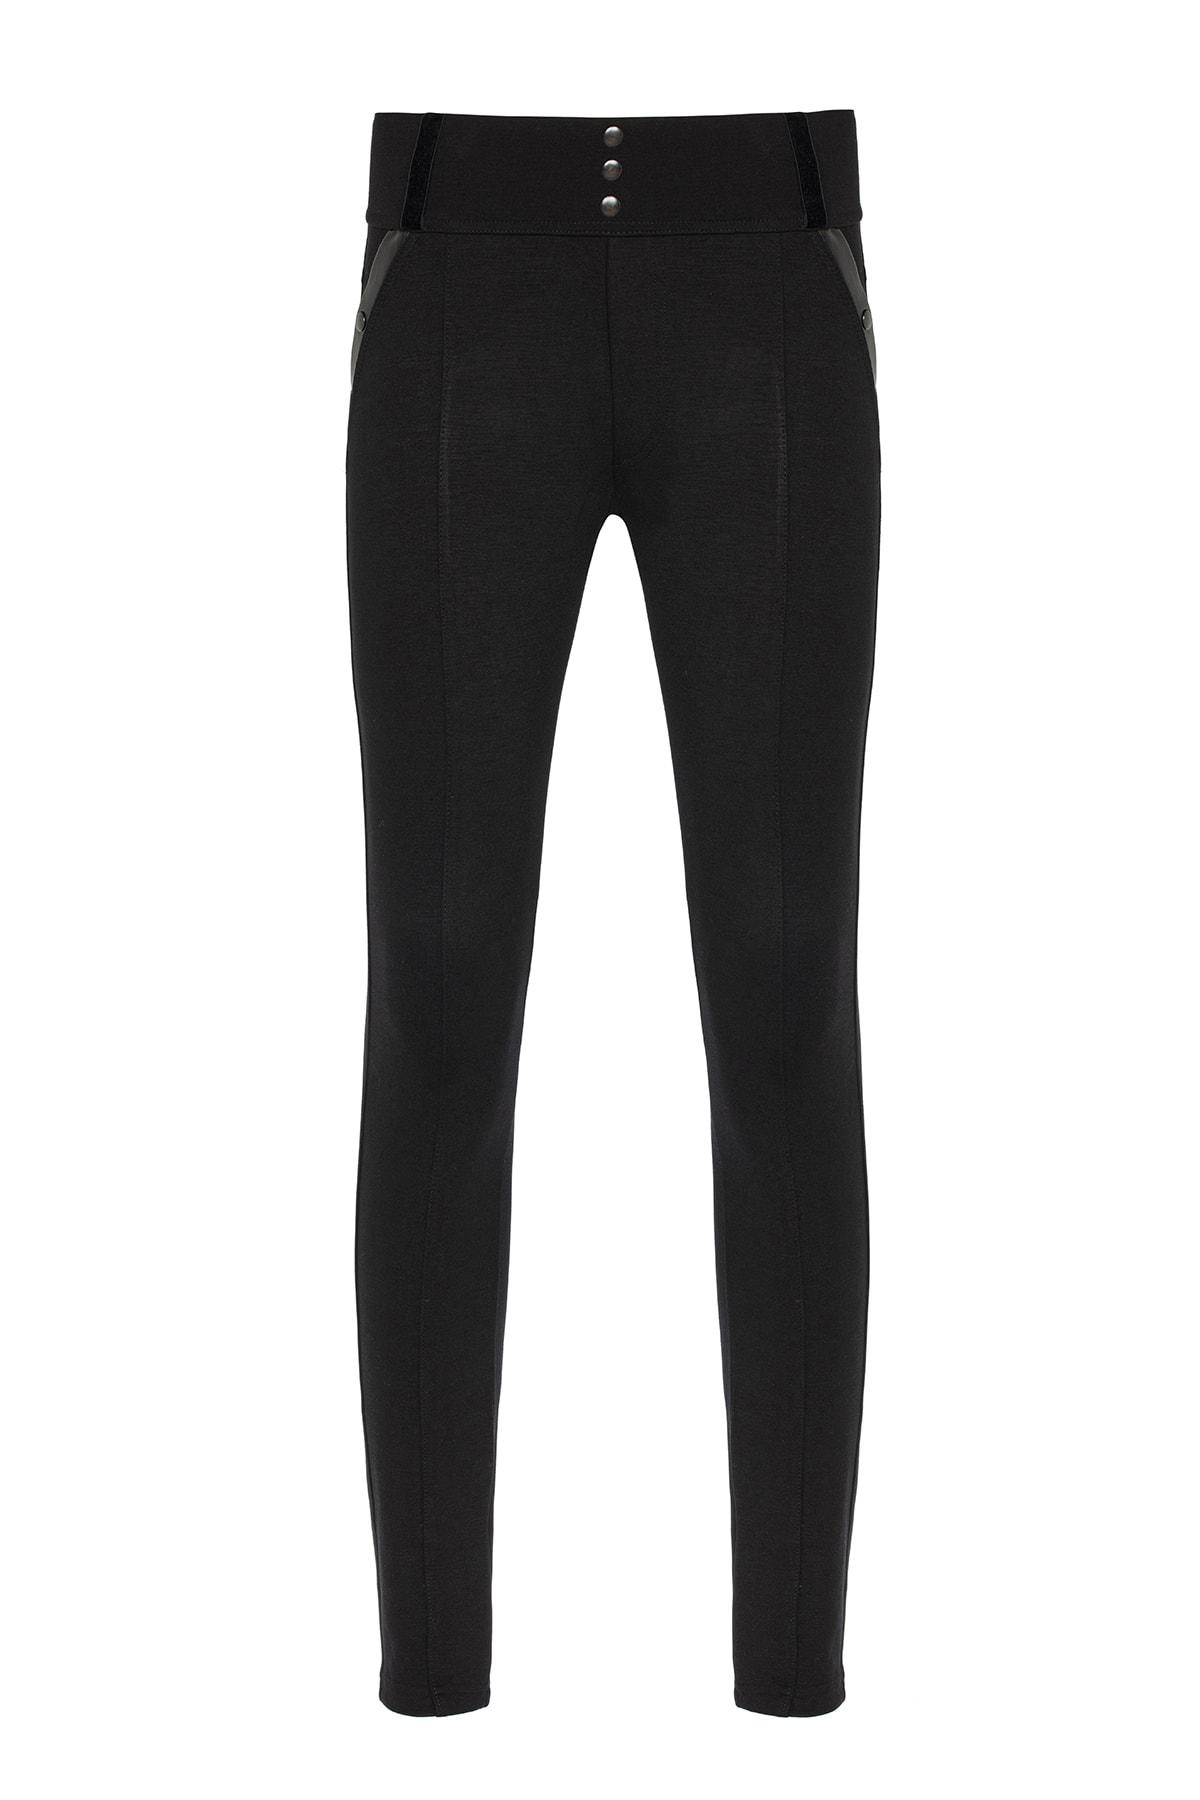 FSM1453 Kadın Tayt Pantolon 2